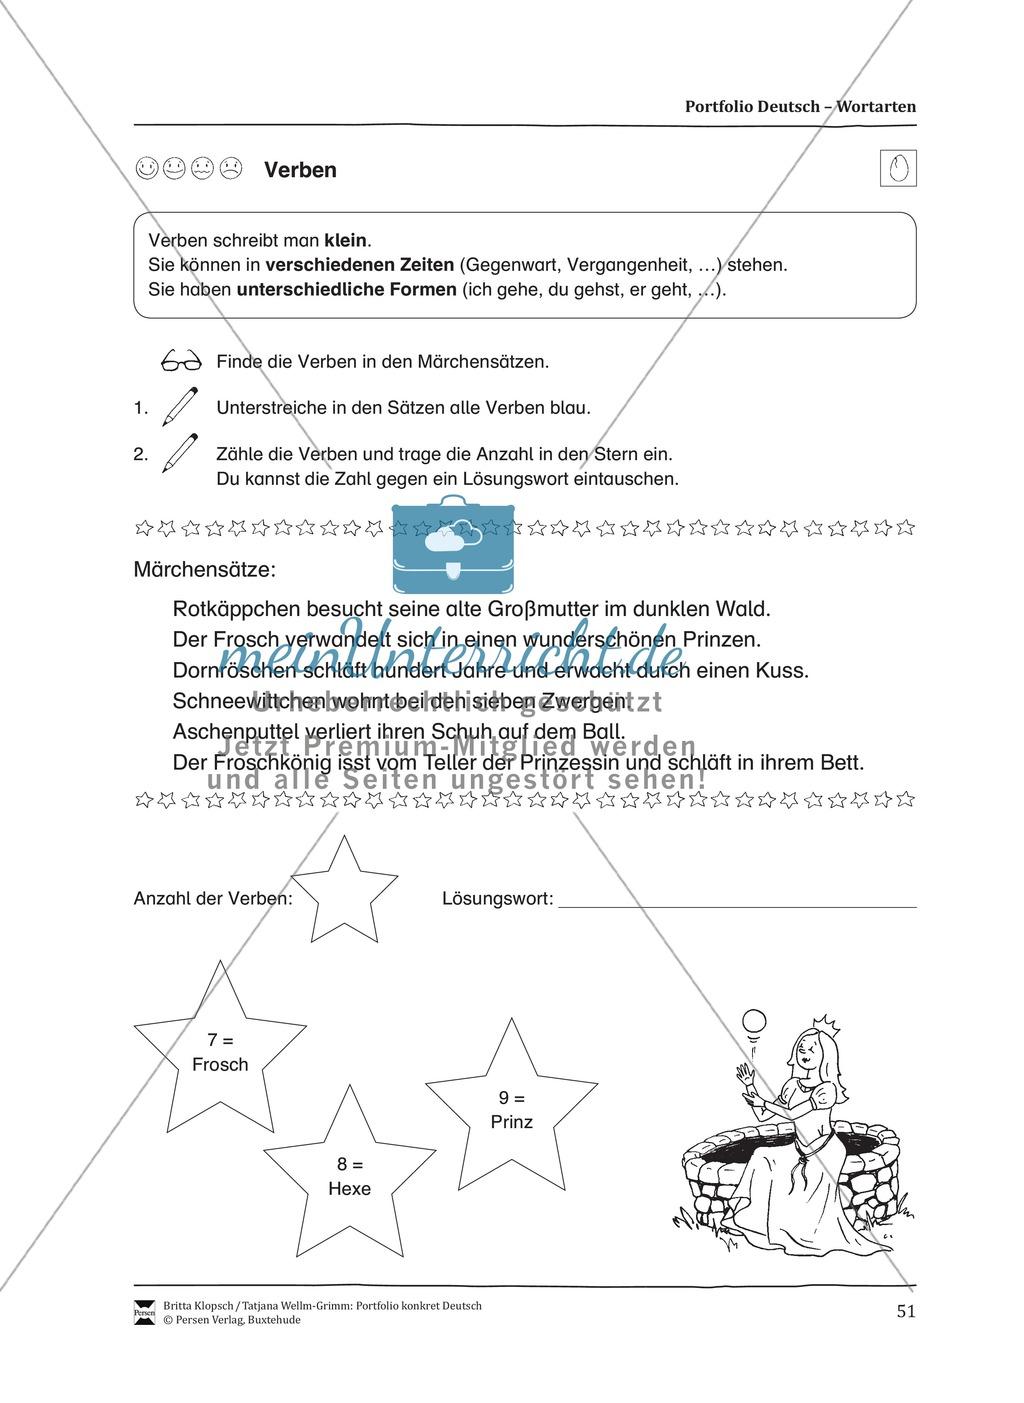 Kopiervorlagen für den Themenbereich Wortarten Preview 8